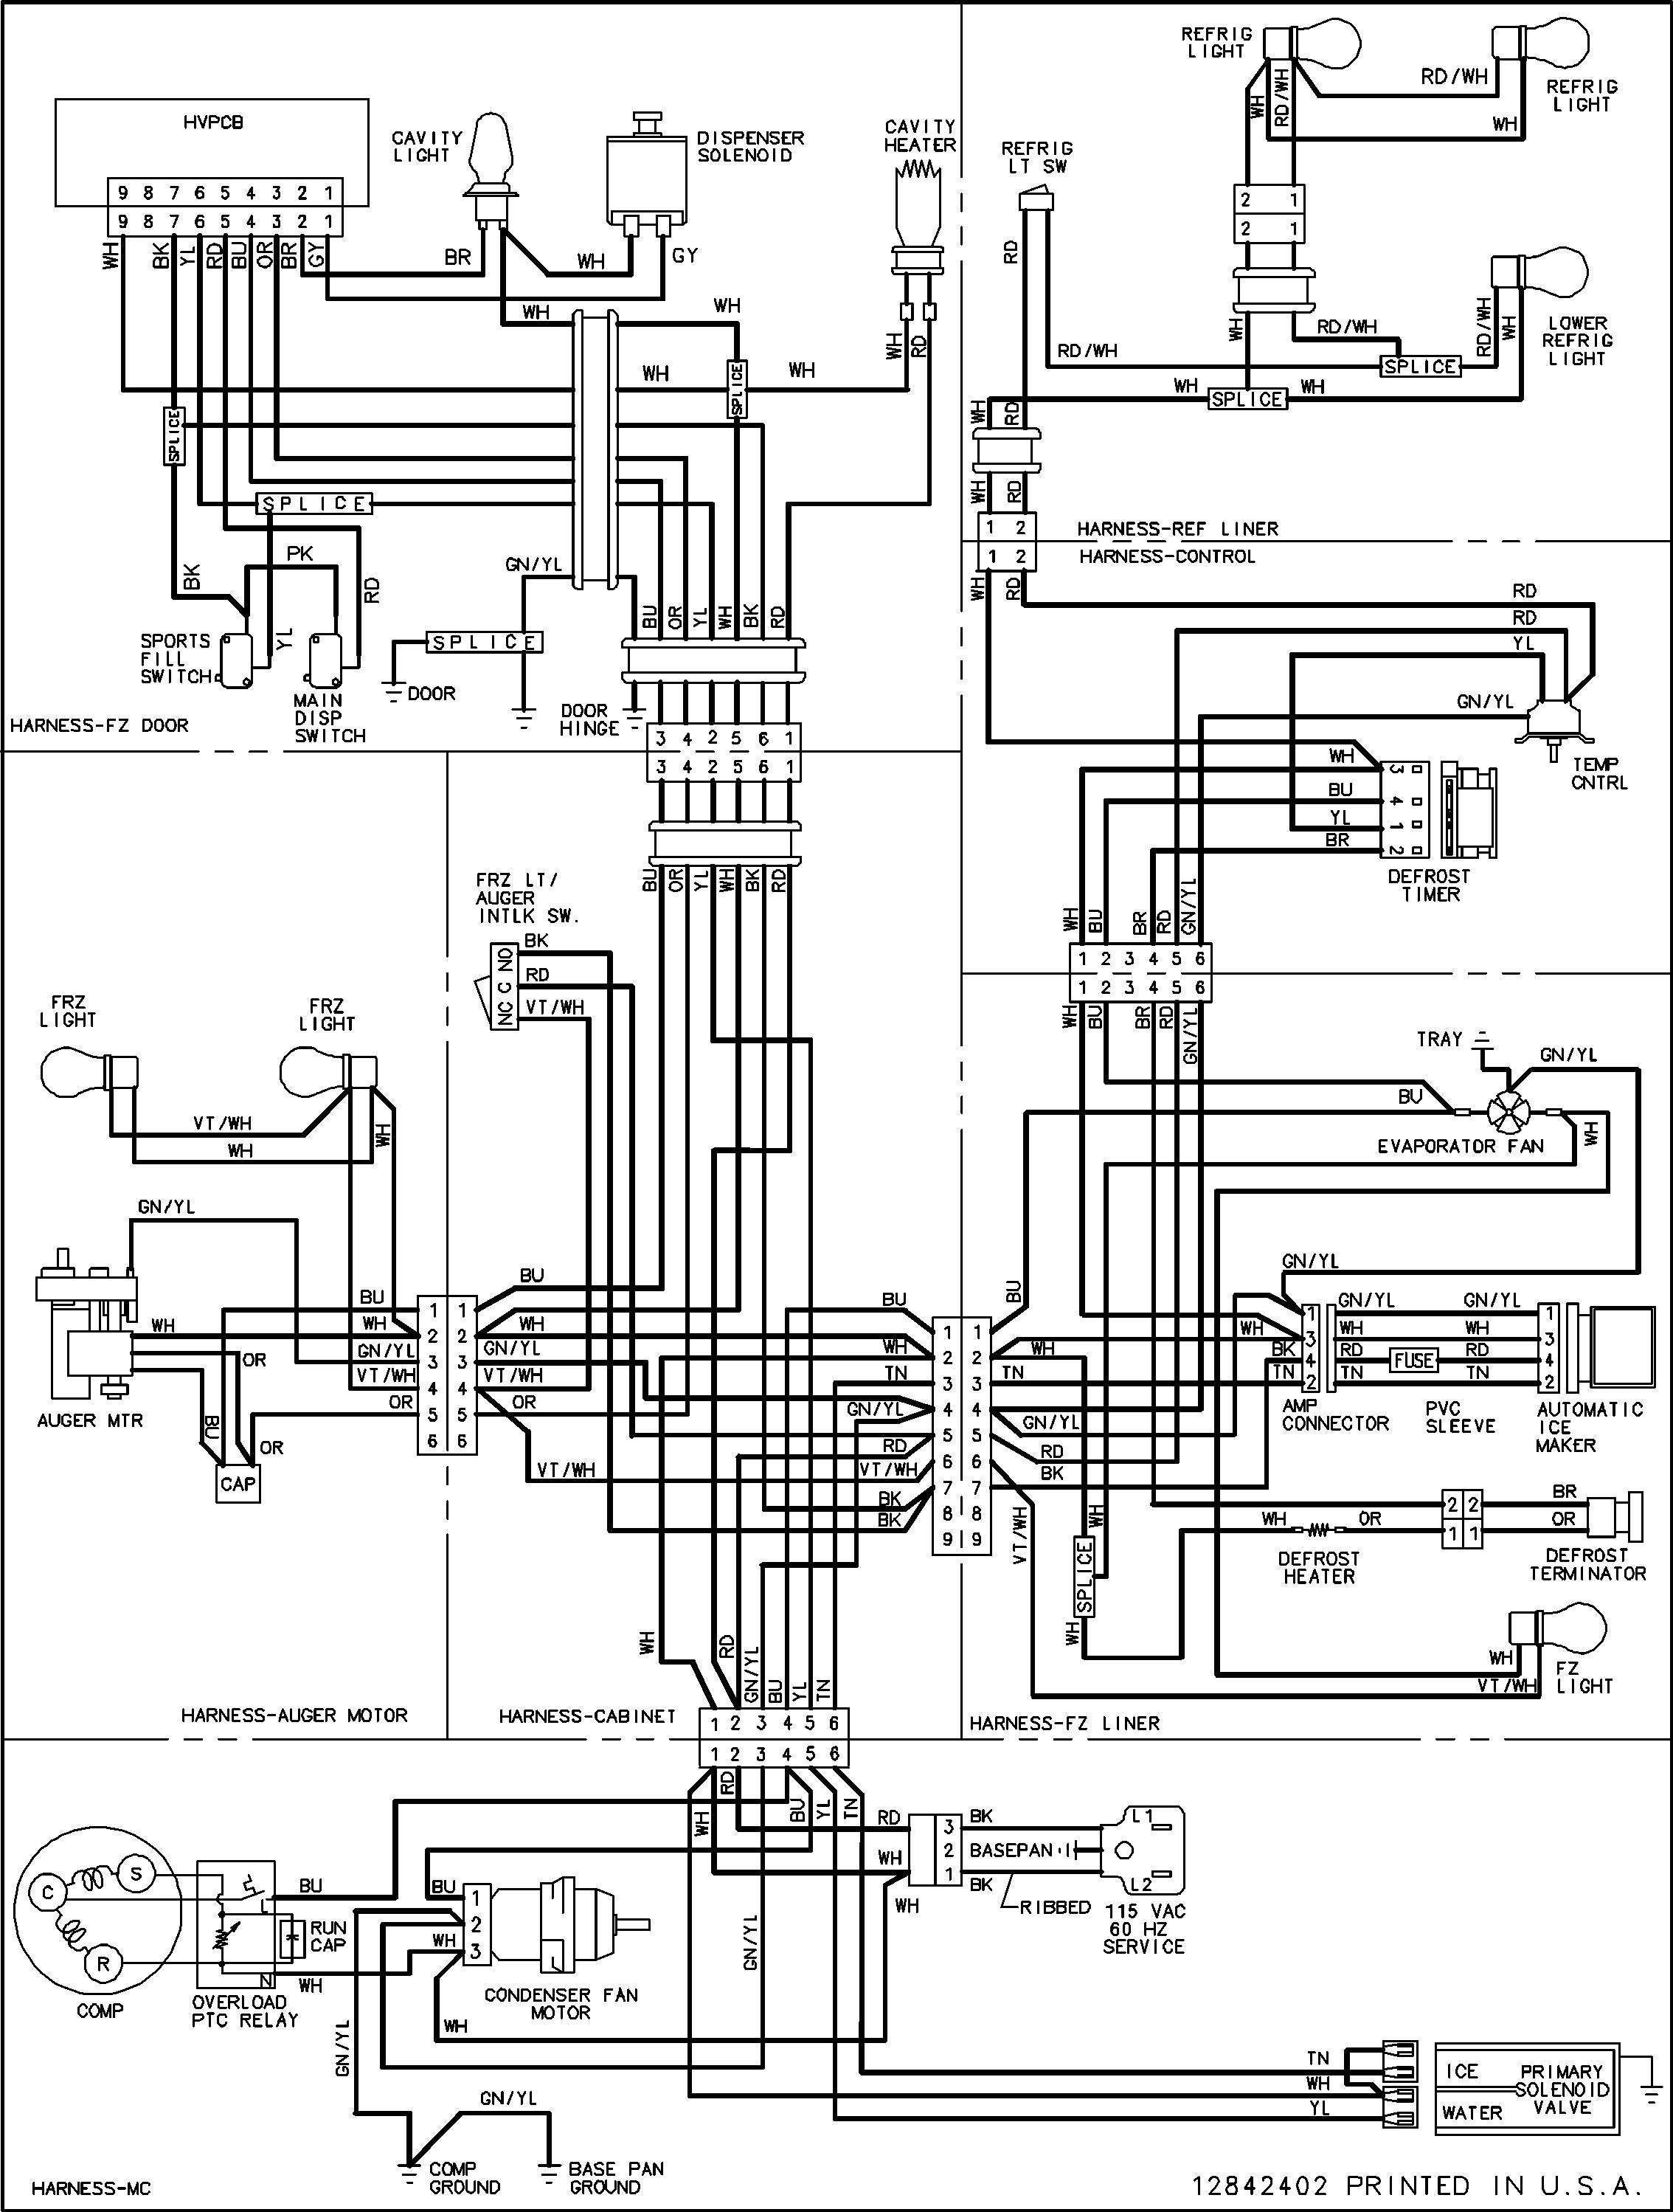 Großzügig Pioneer Deh 3300ub Wiring Diagram Zeitgenössisch ...